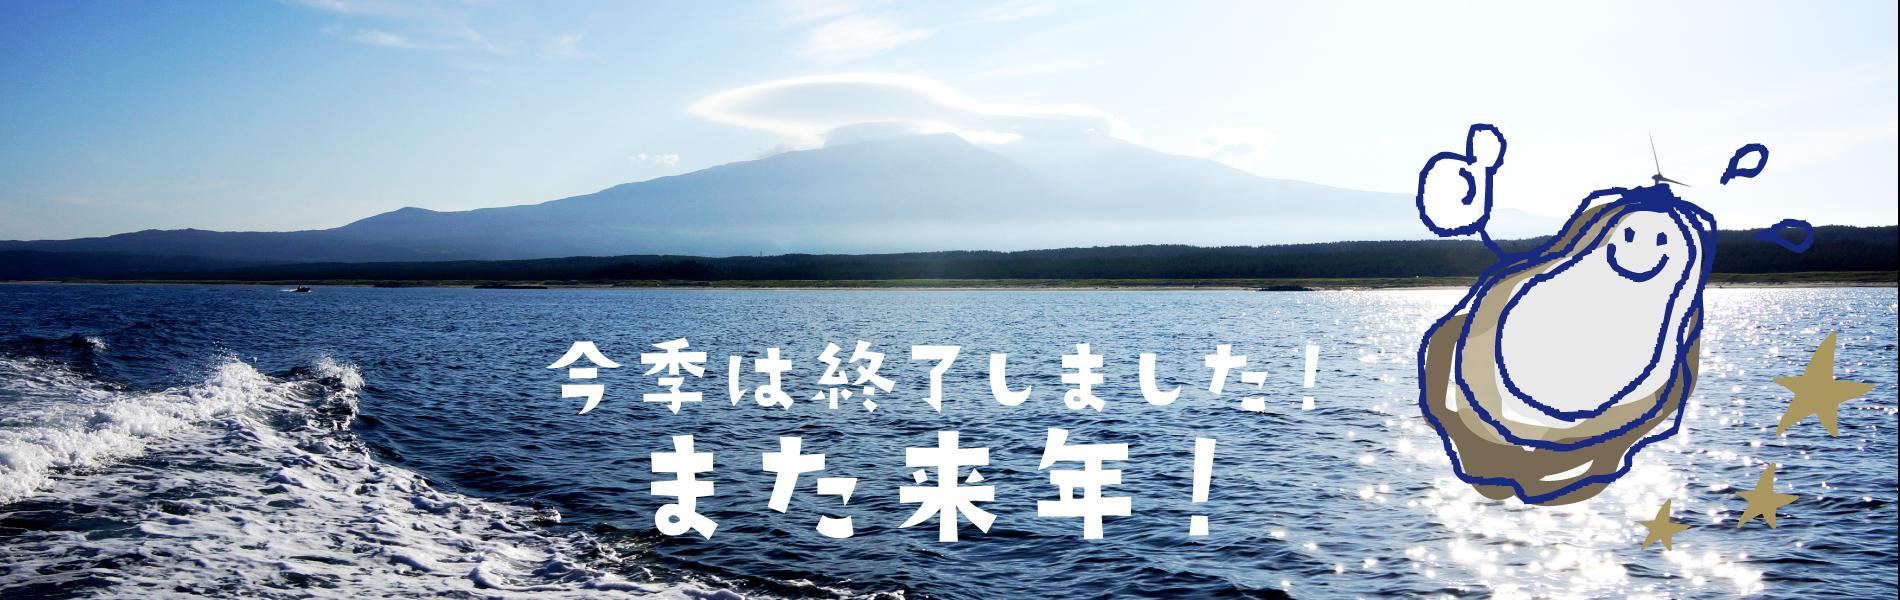 来年の夏のお楽しみ...!!